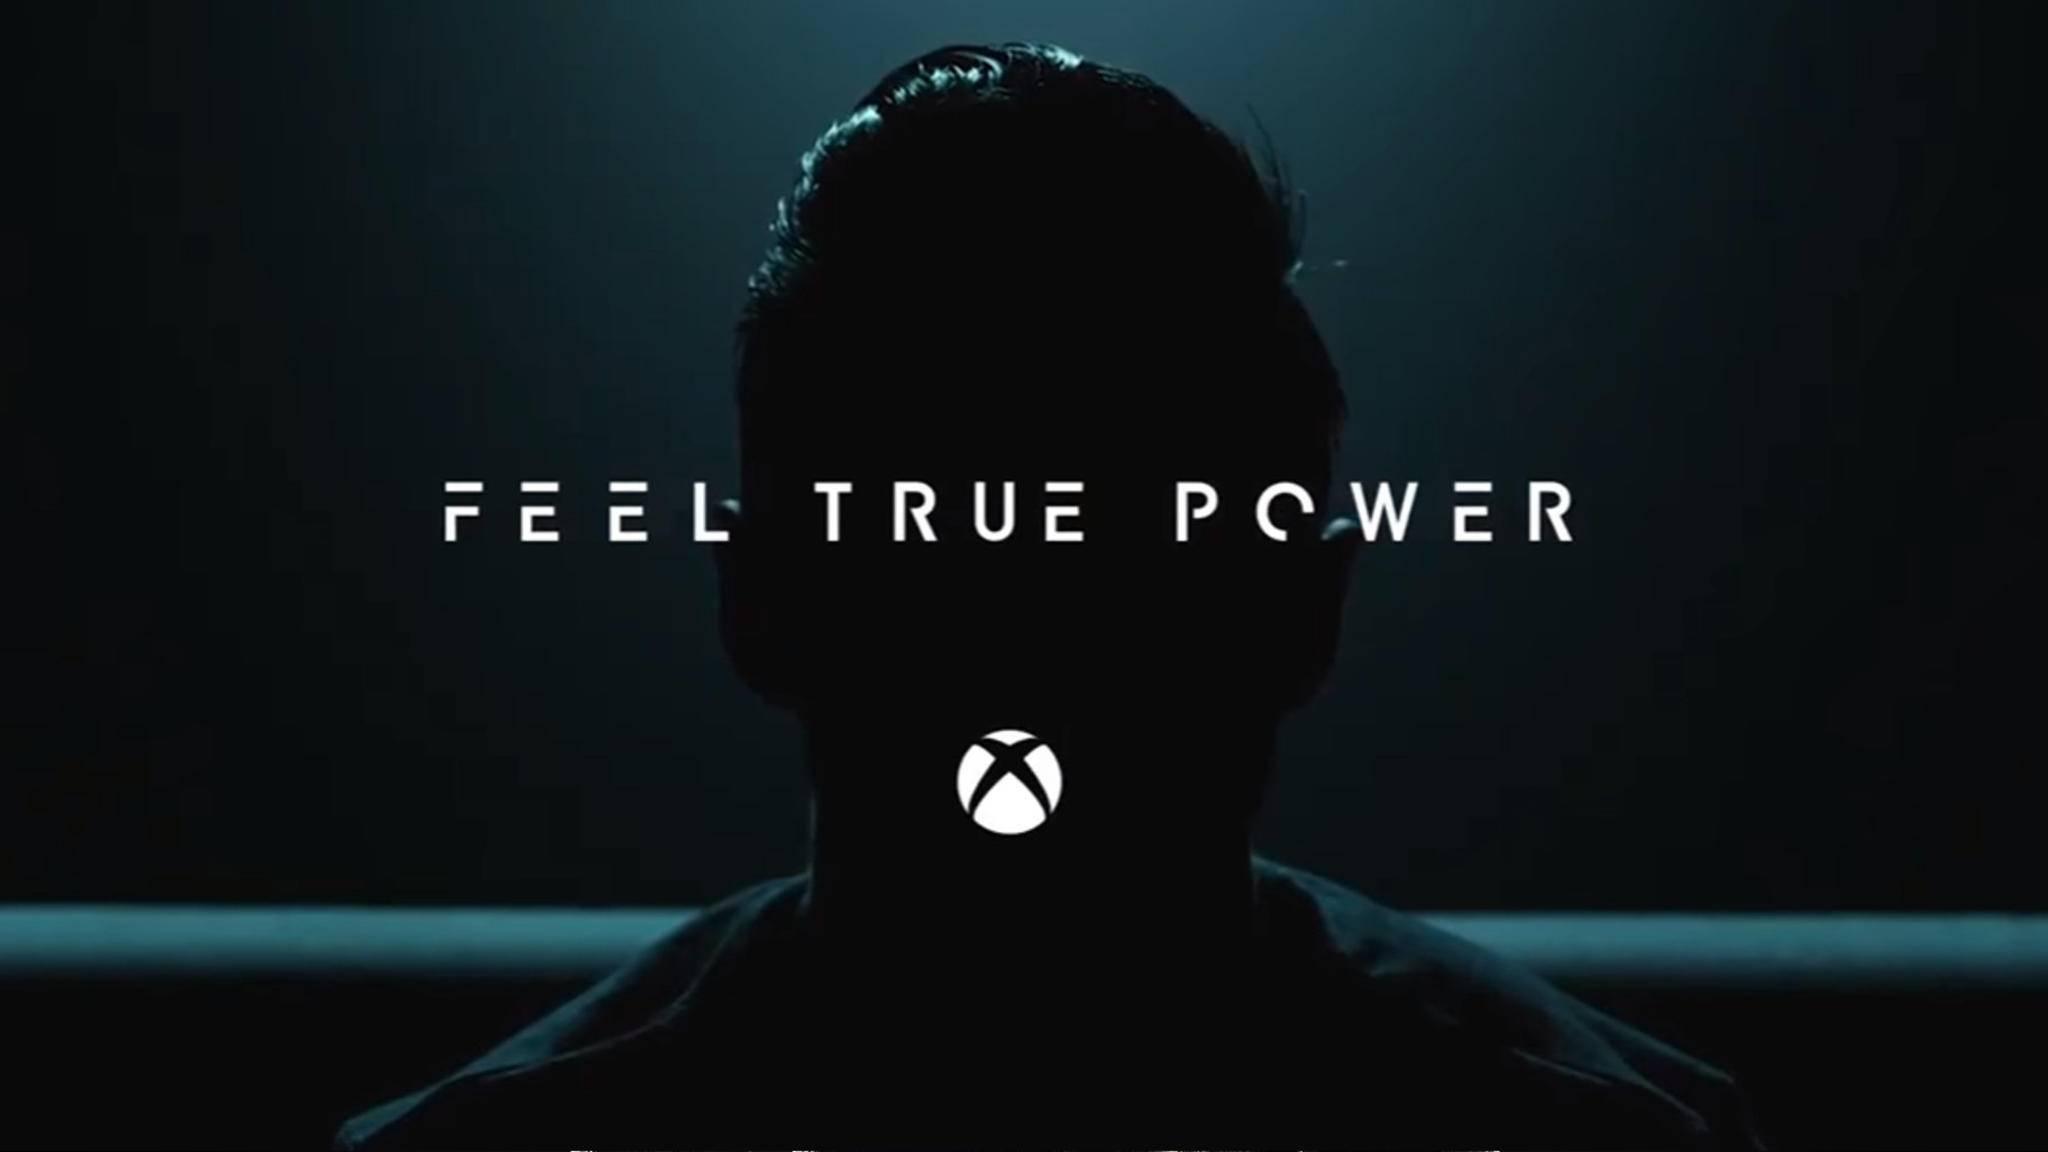 Nicht nur nachträglich gepatchte Spiele profitieren von der Power der Xbox One X – sondern alle Xbox-One-Spiele und kompatiblen Xbox-360-Games.